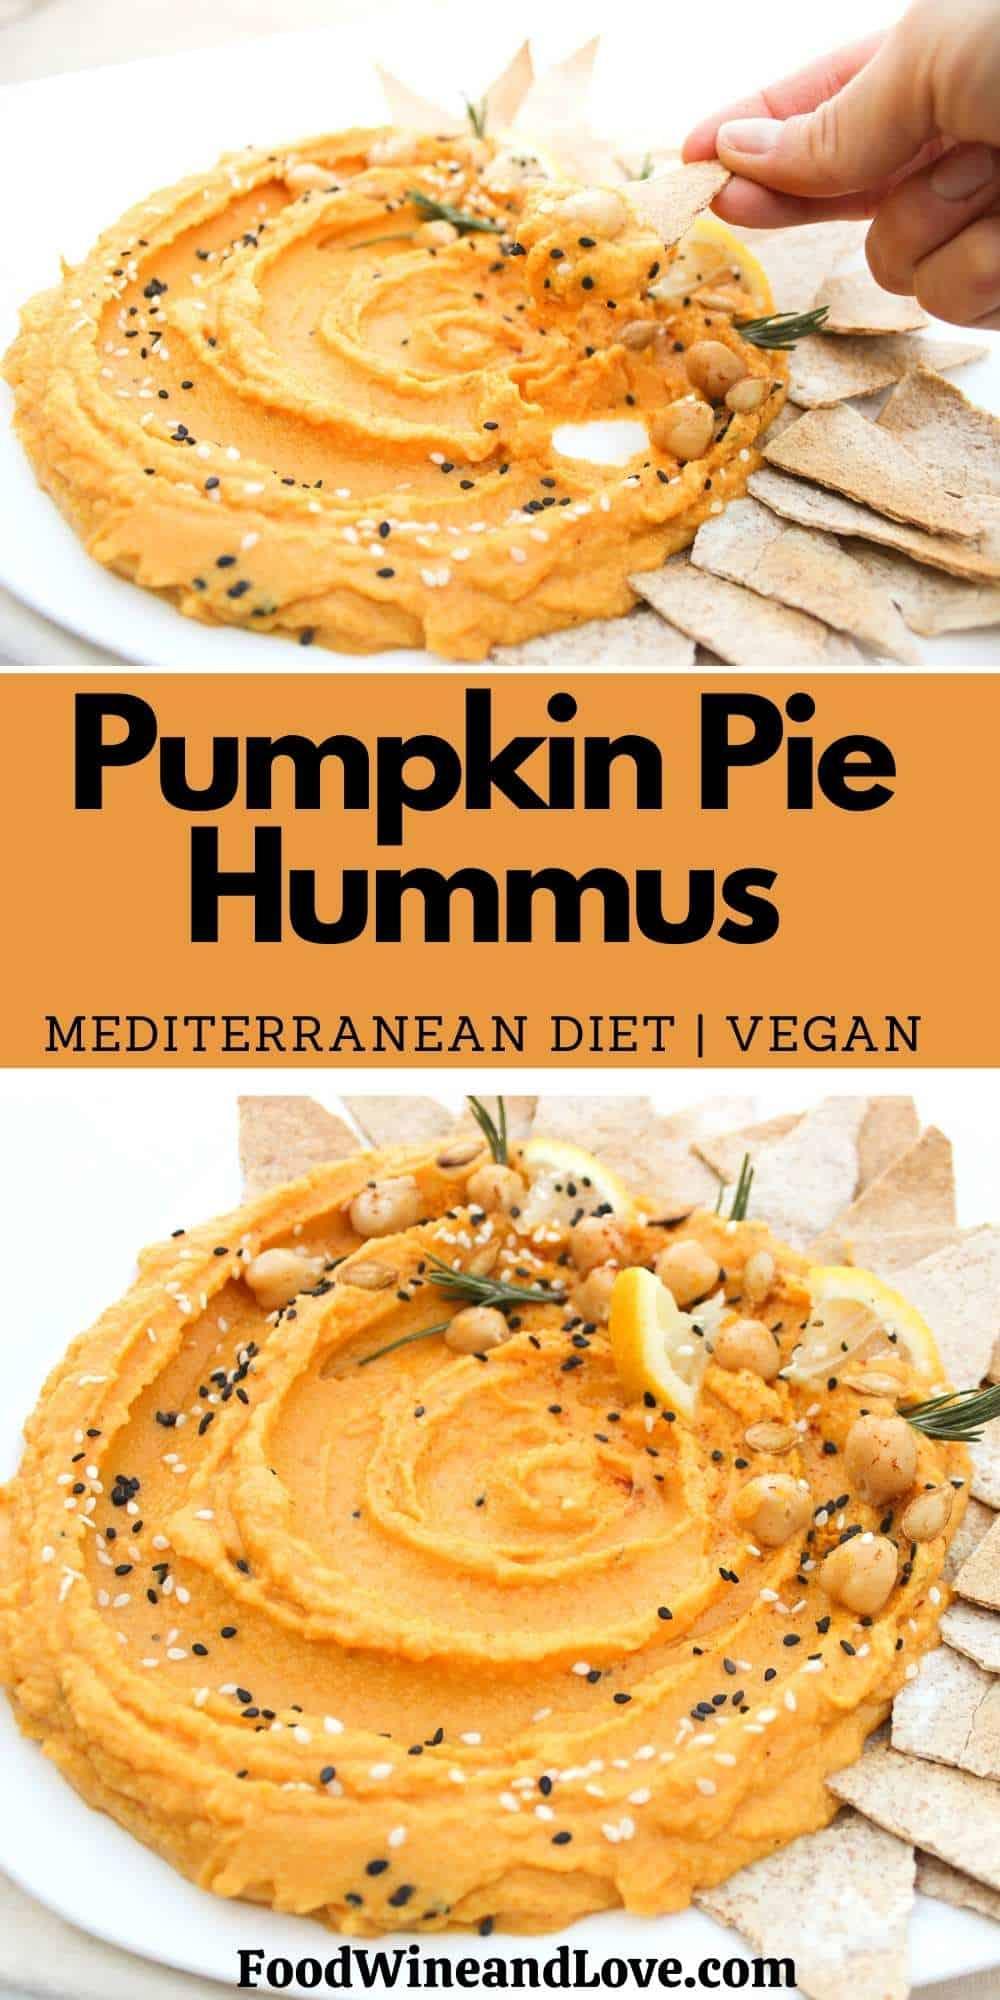 Pumpkin Pie Hummus